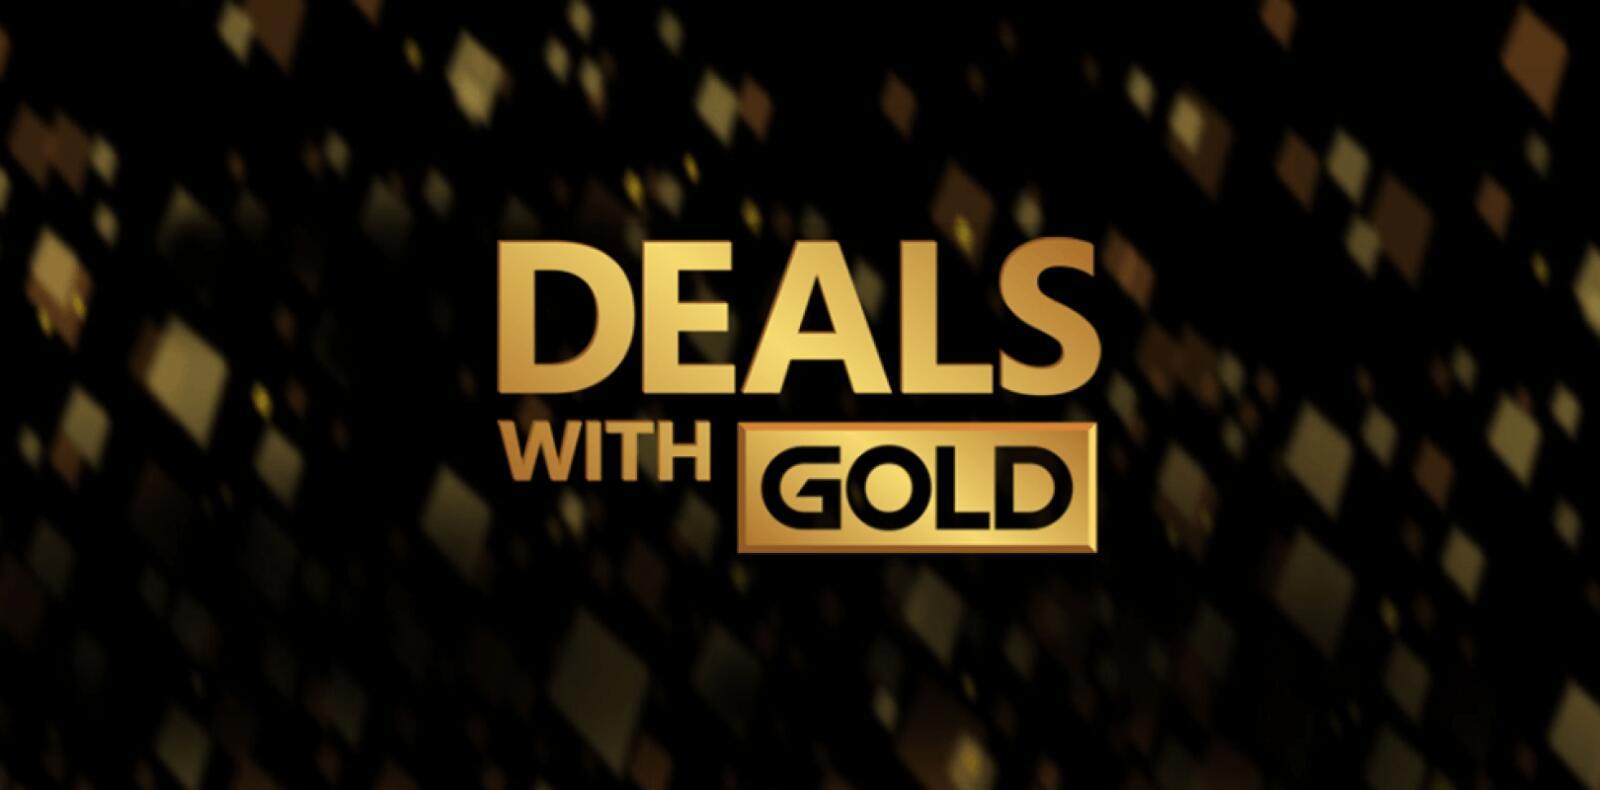 Xbox: Deals With Gold semana del 2 al 9 de febrero de 2021